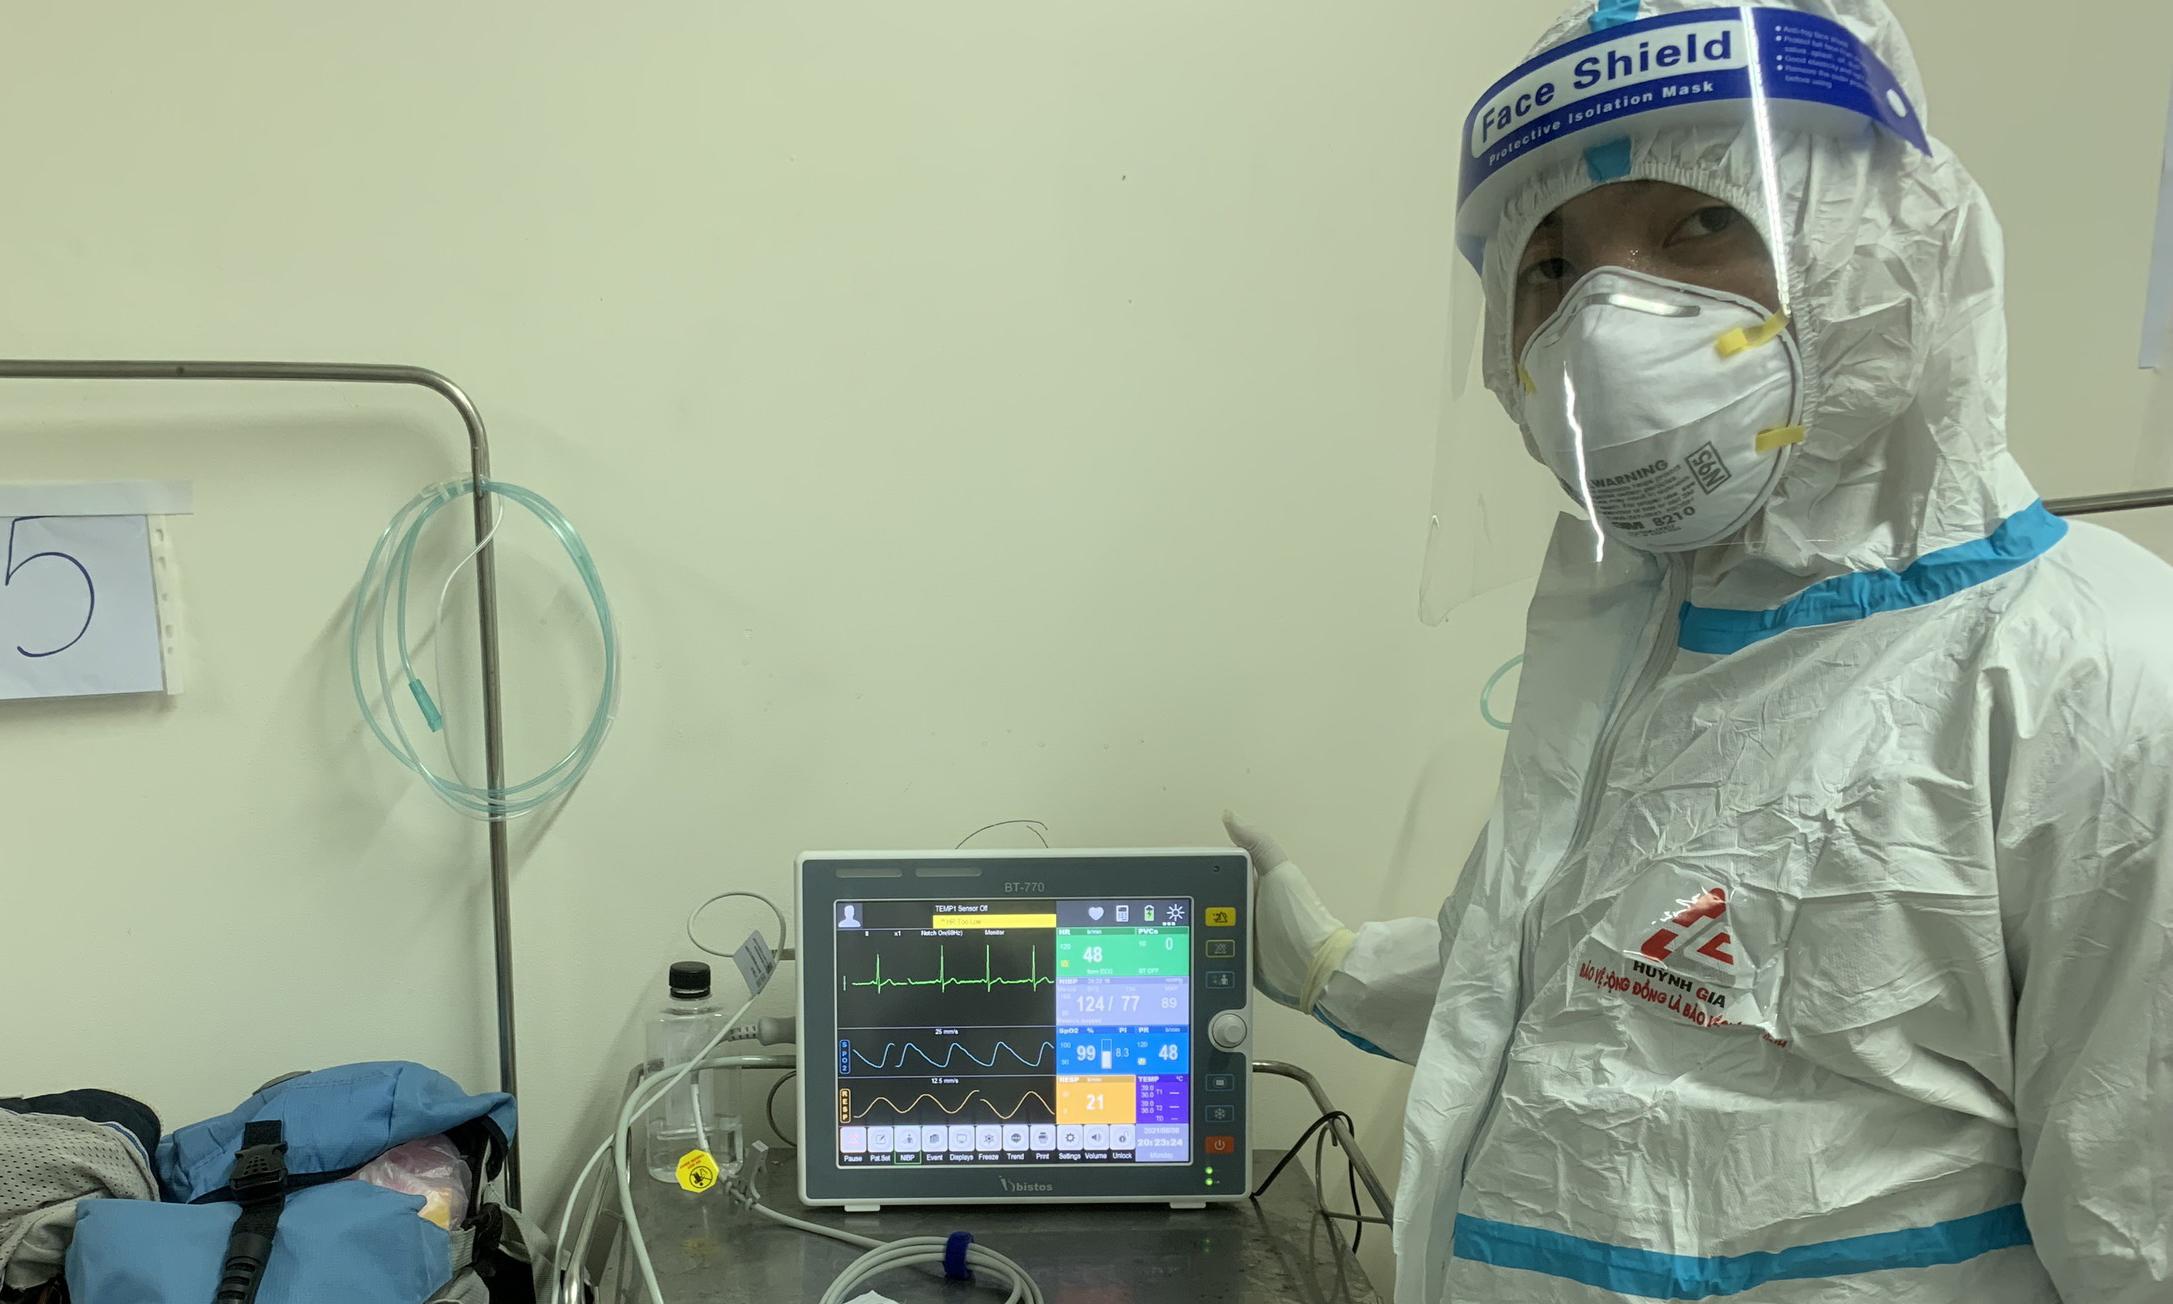 Trao tặng 5 máy monitor hỗ trợ điều trị Covid-19